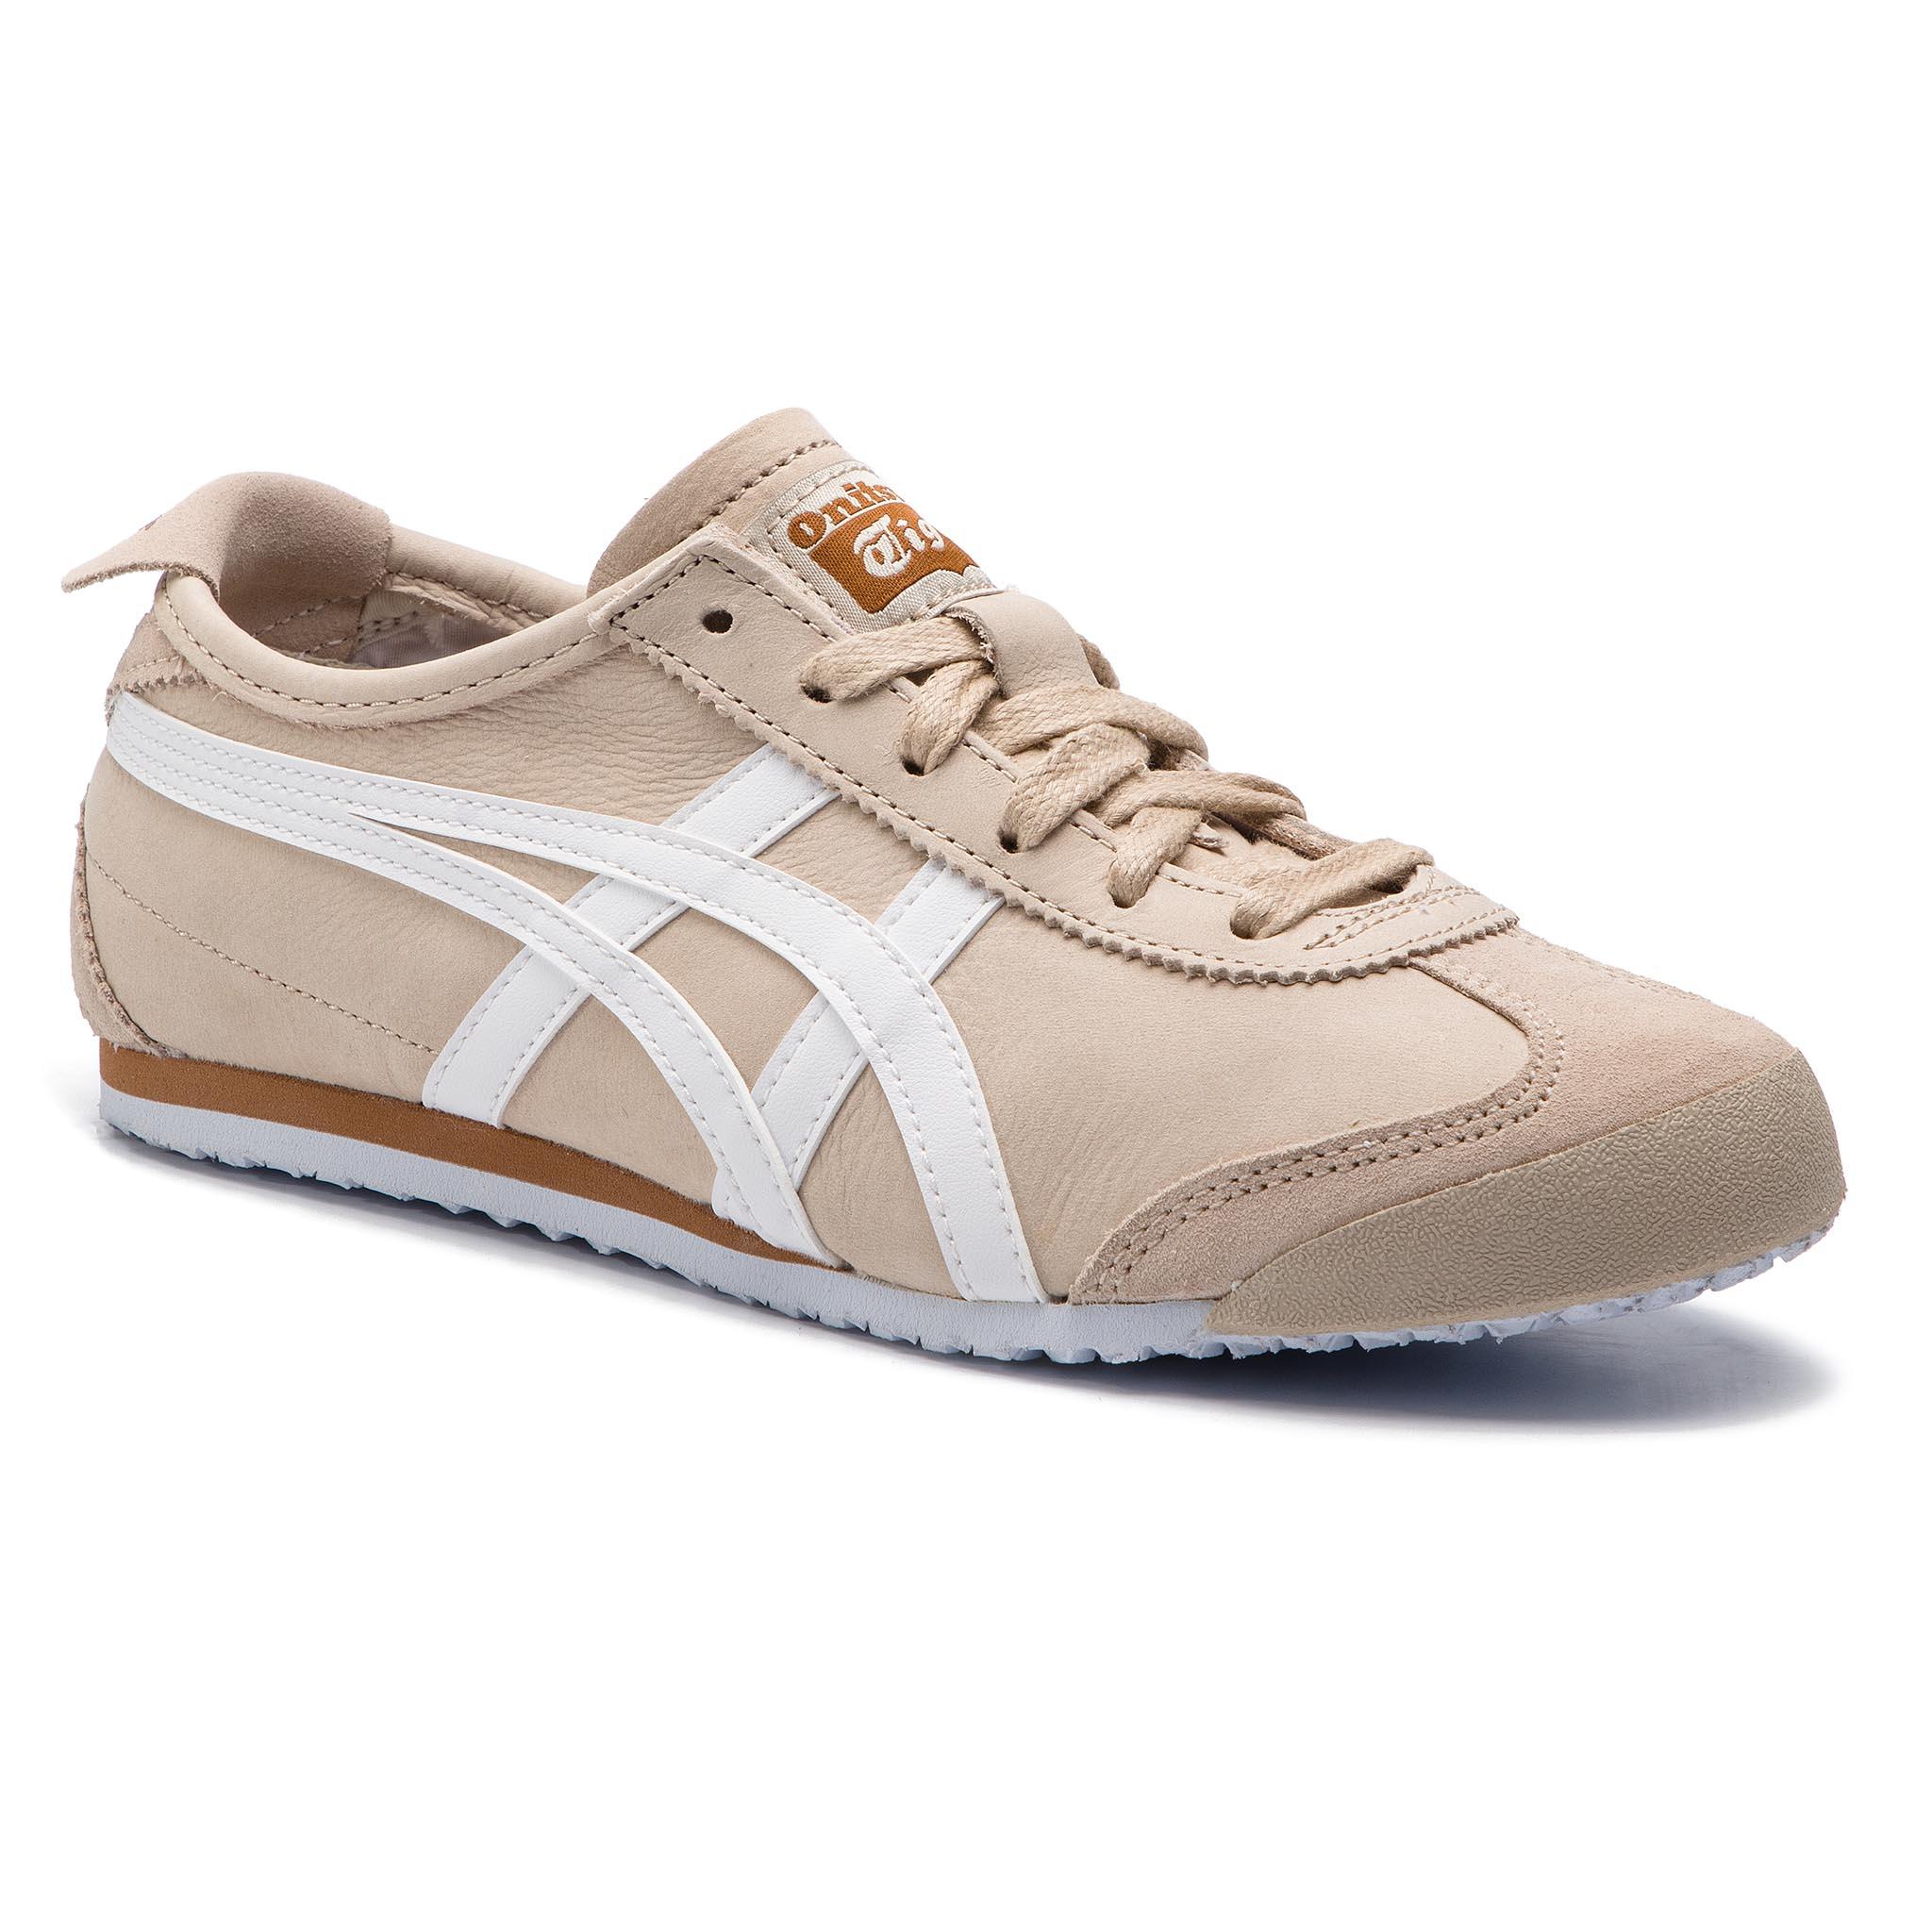 e94aca2ebc58 Sneakers ASICS. ONITSUKA TIGER Mexico 66 D4J2L Ash Rose Vaporous Grey 2490